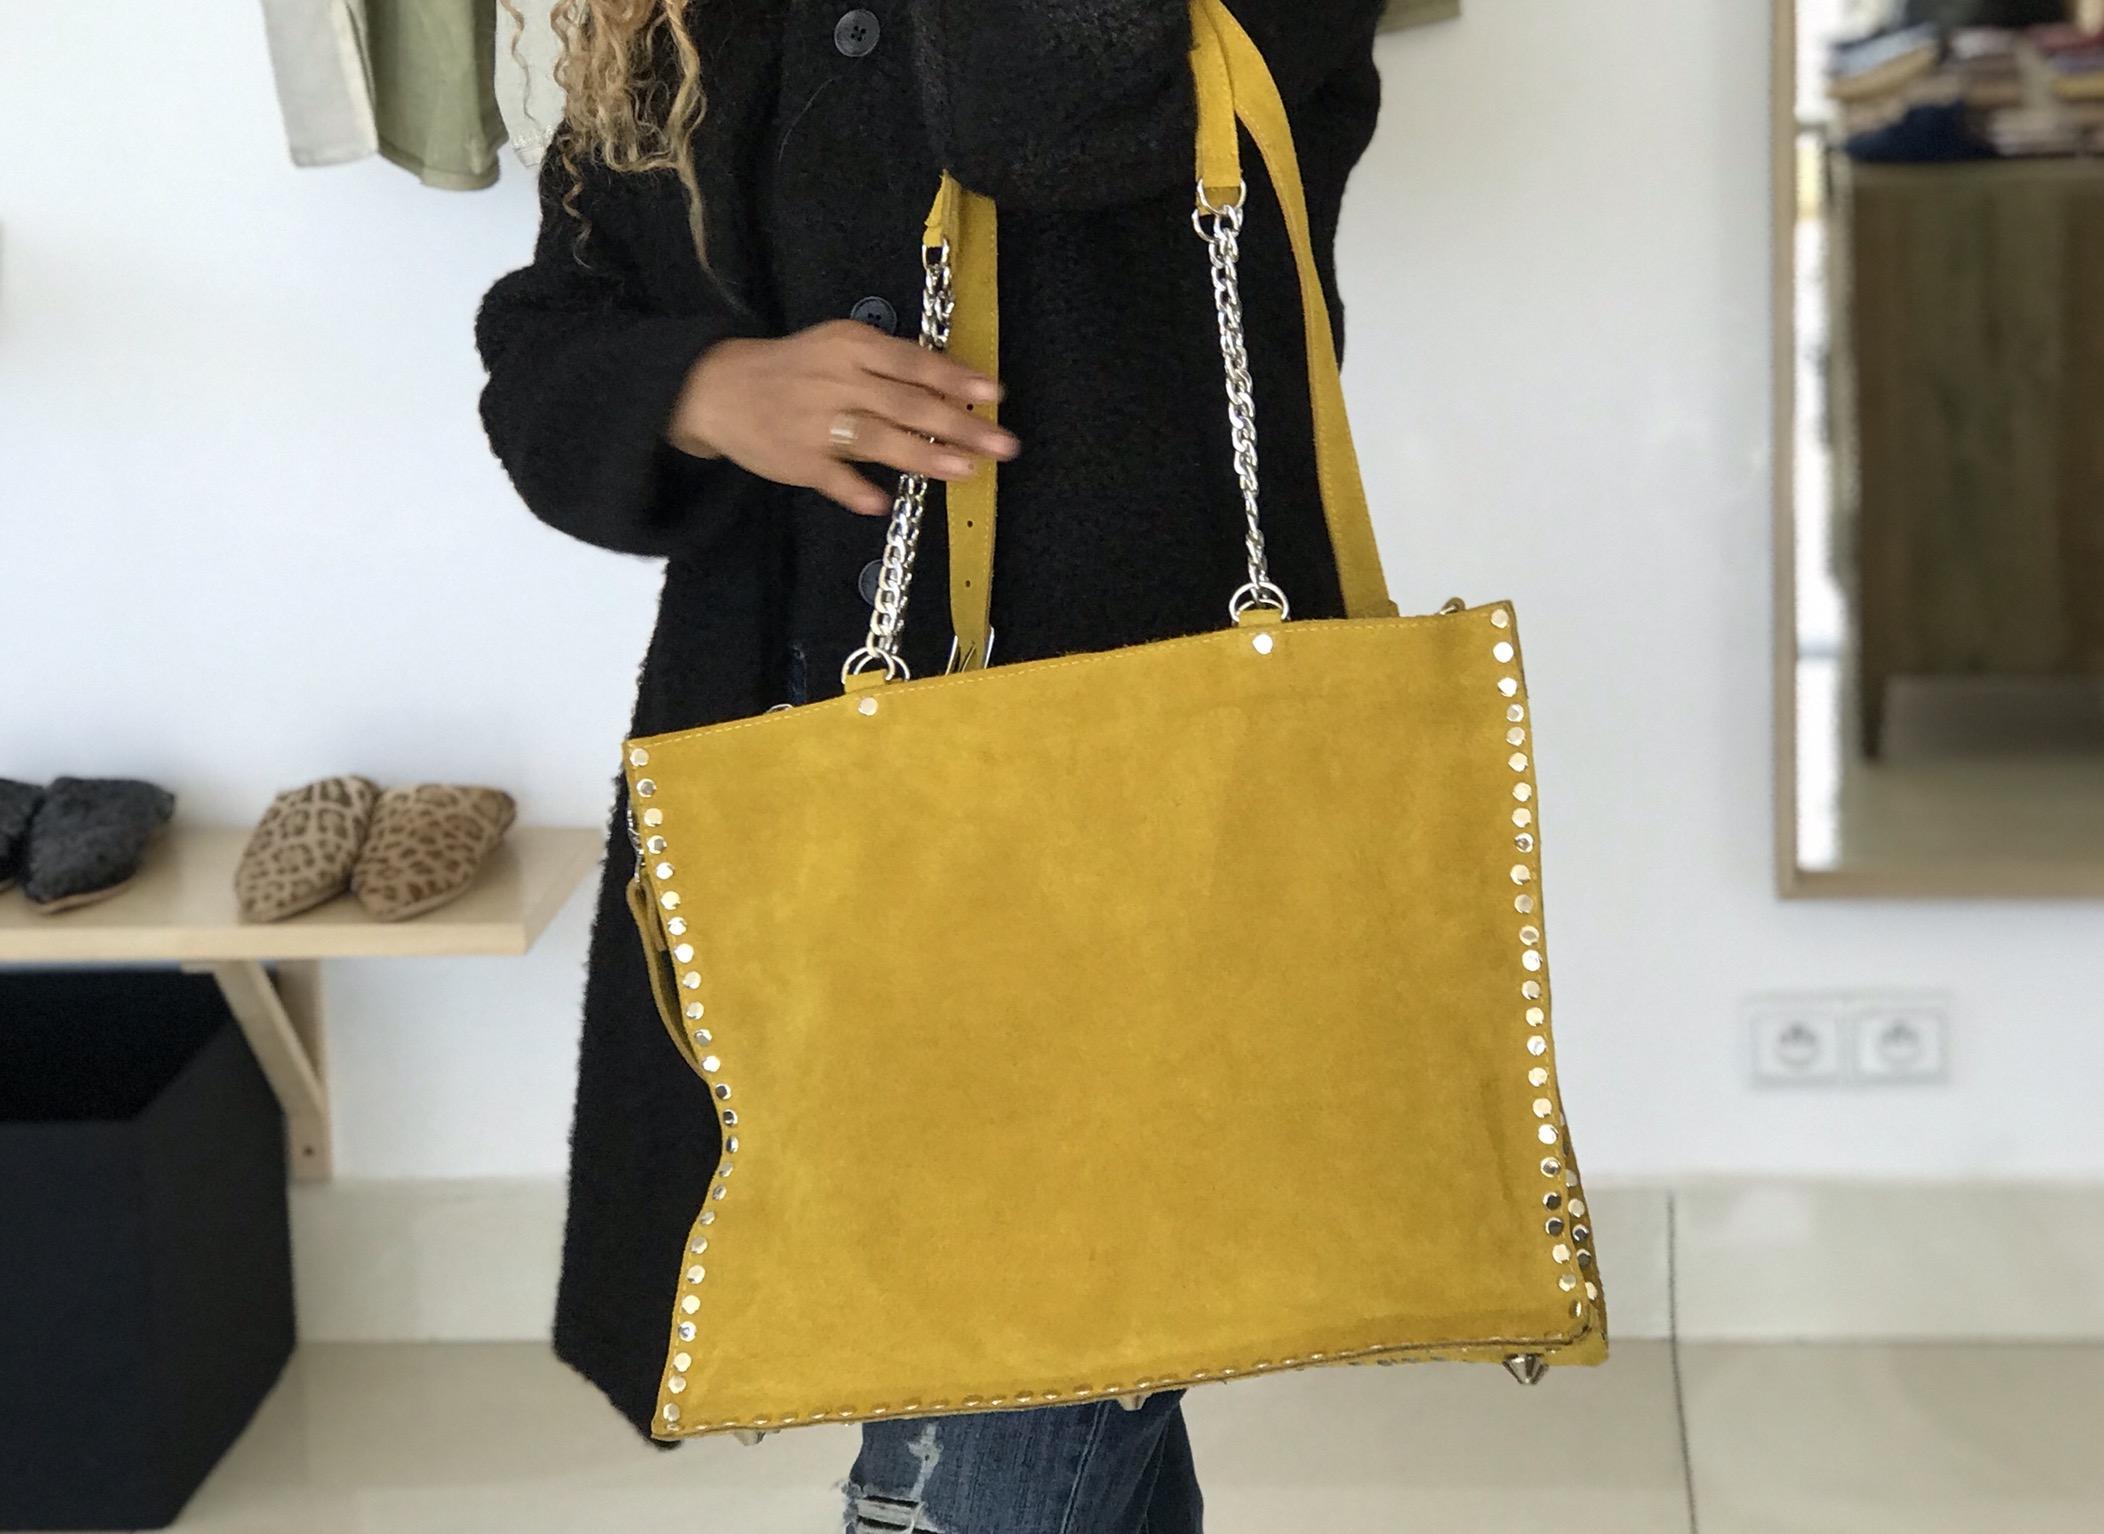 Big bag leather yellow studded